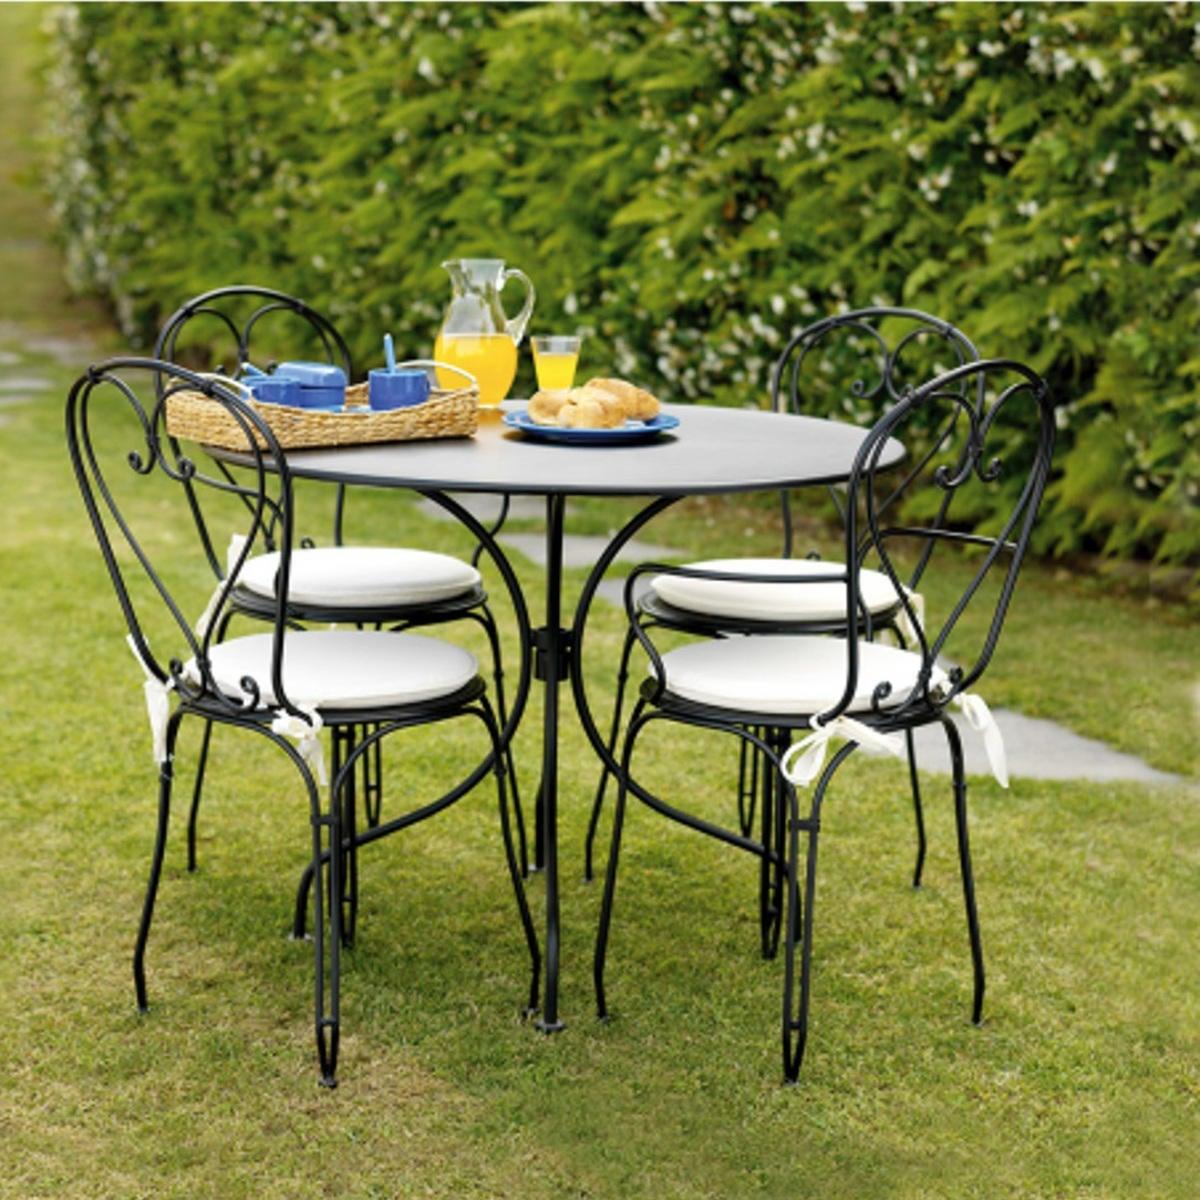 Tavolo da giardino tondo tft con piano in ferro Ø 90 cm - 3